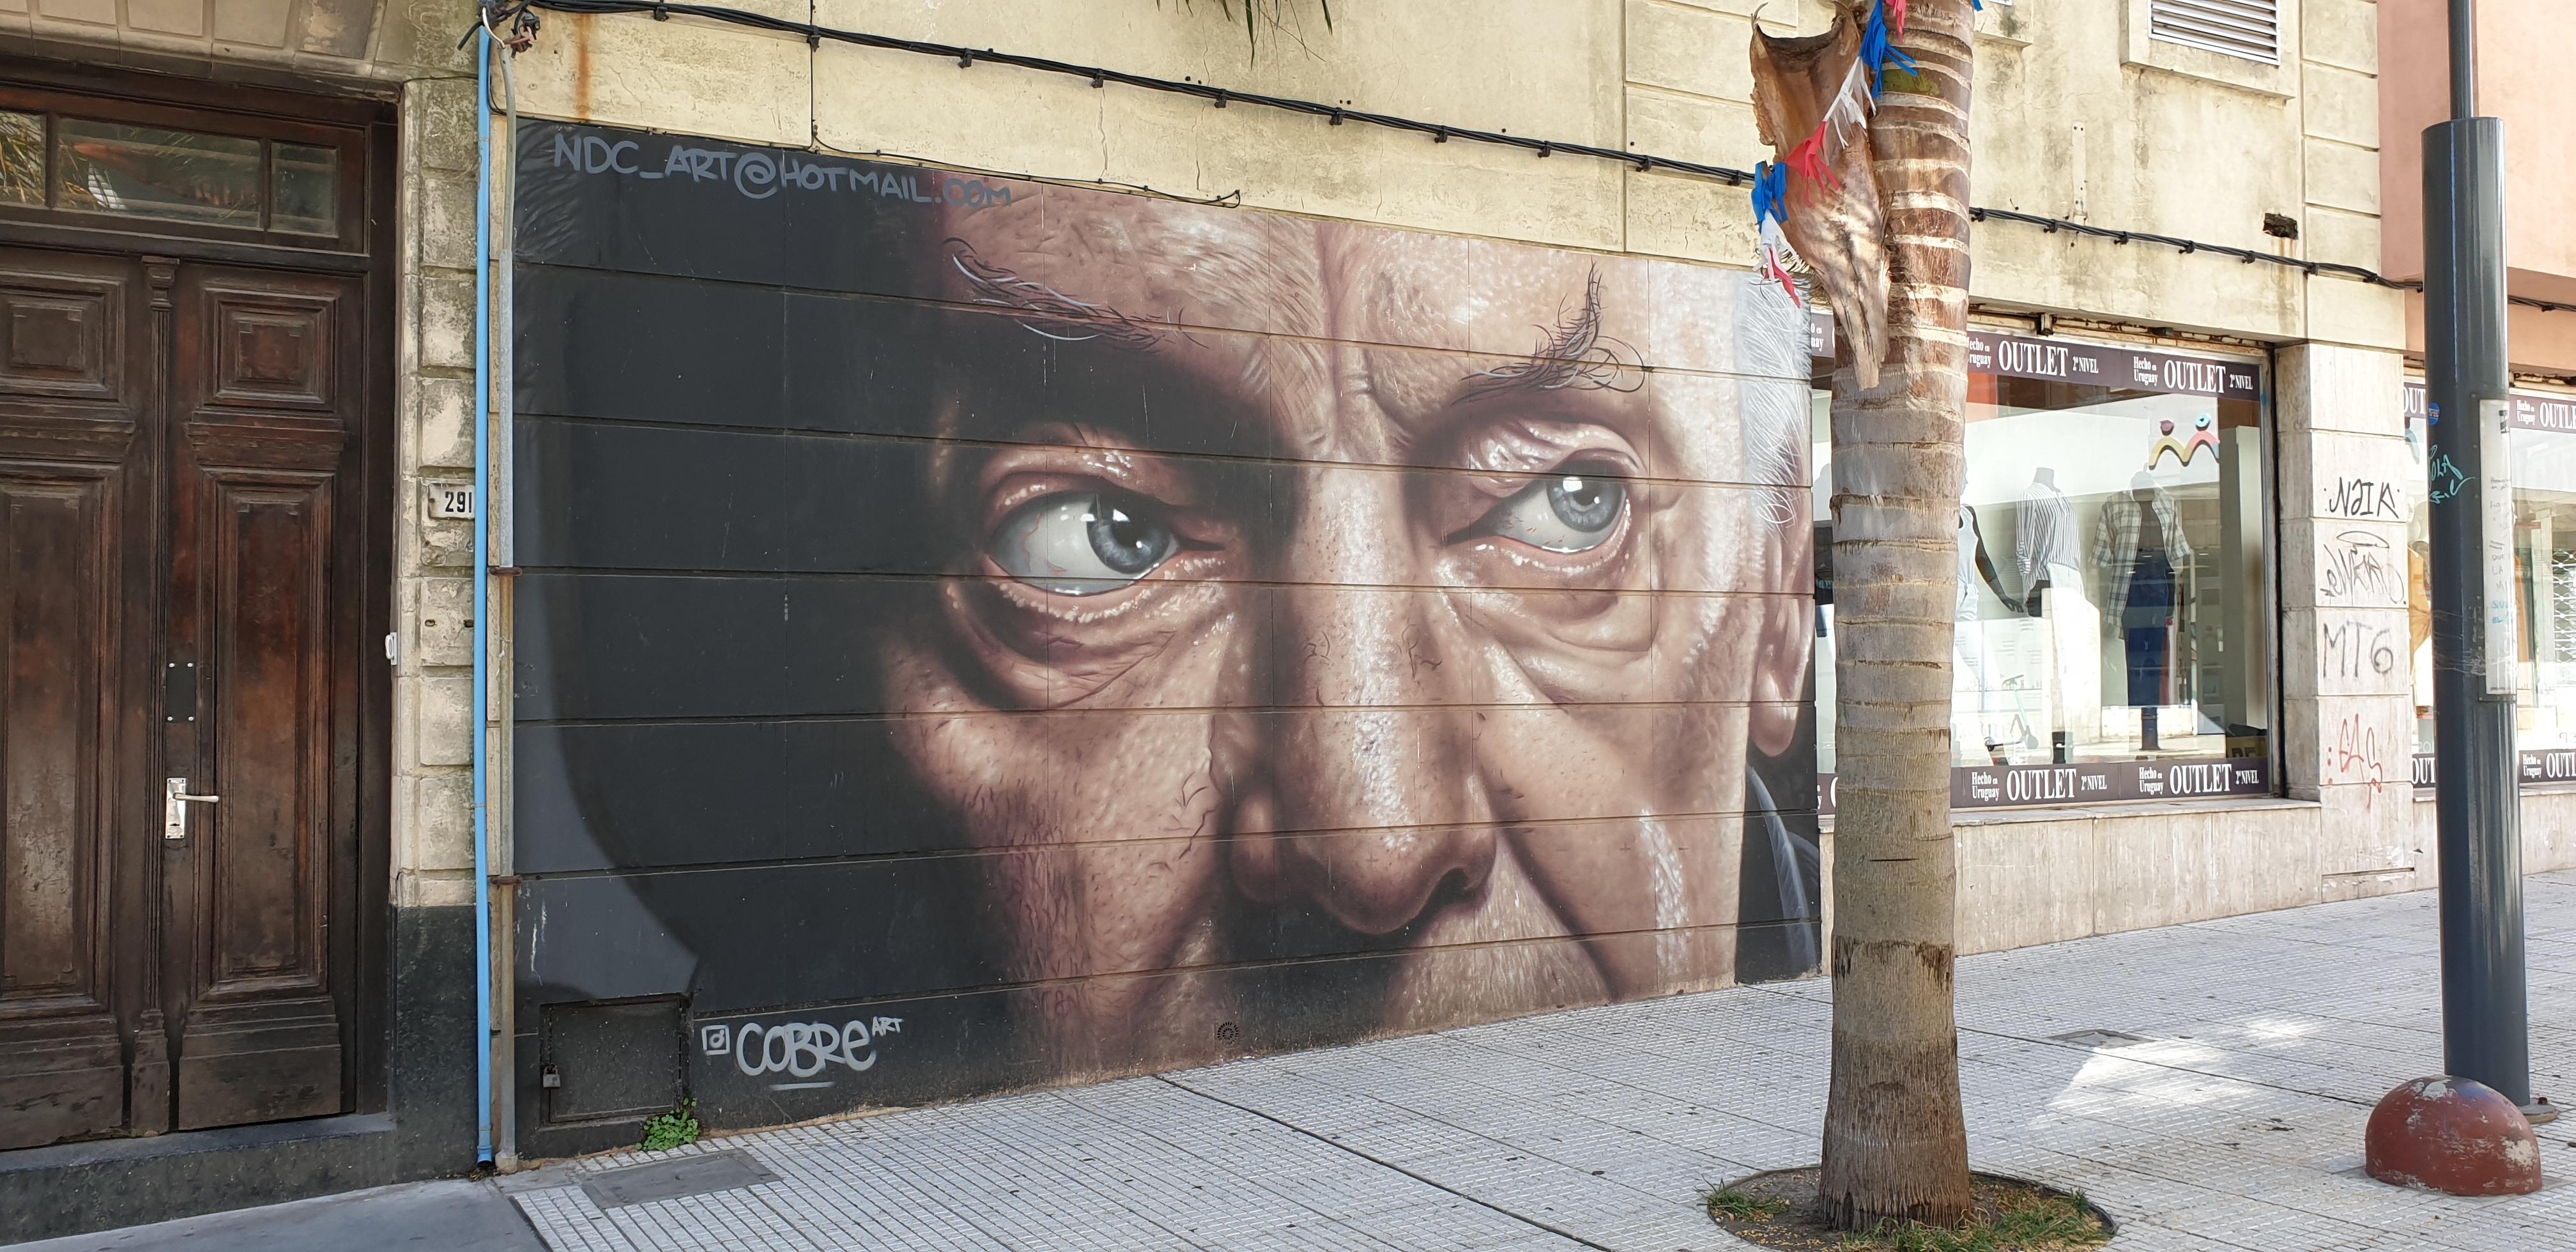 Mur réalisé par Nino Cobre - Montevideo - Uruguay 2020 - ©nofakeinmynews.com